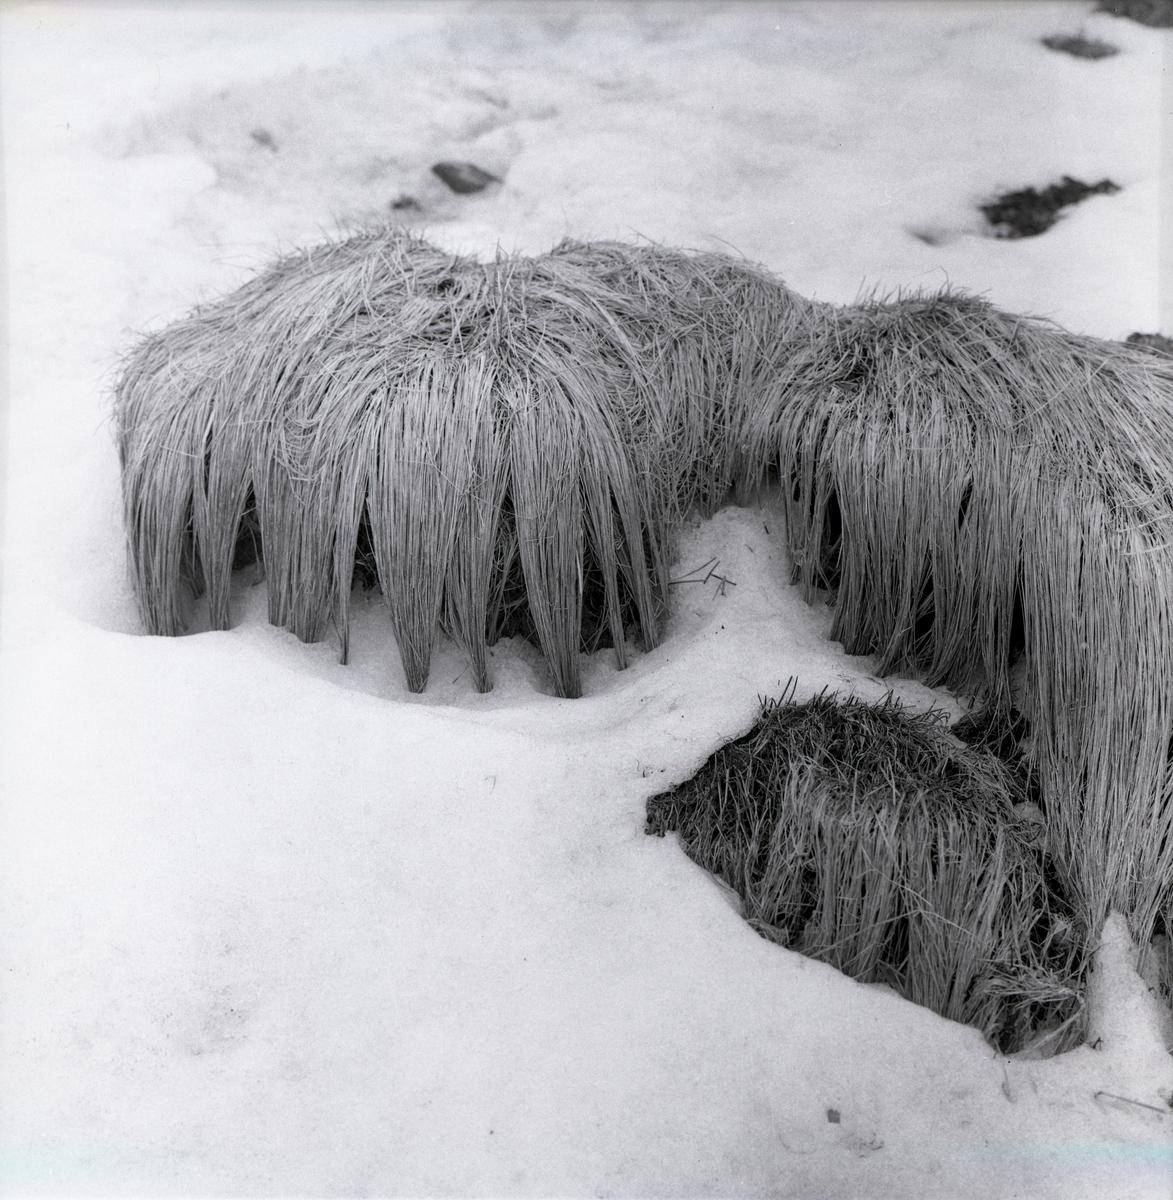 Grästuvor med strån nedkammade av vatten i Kivik, mars 1963.